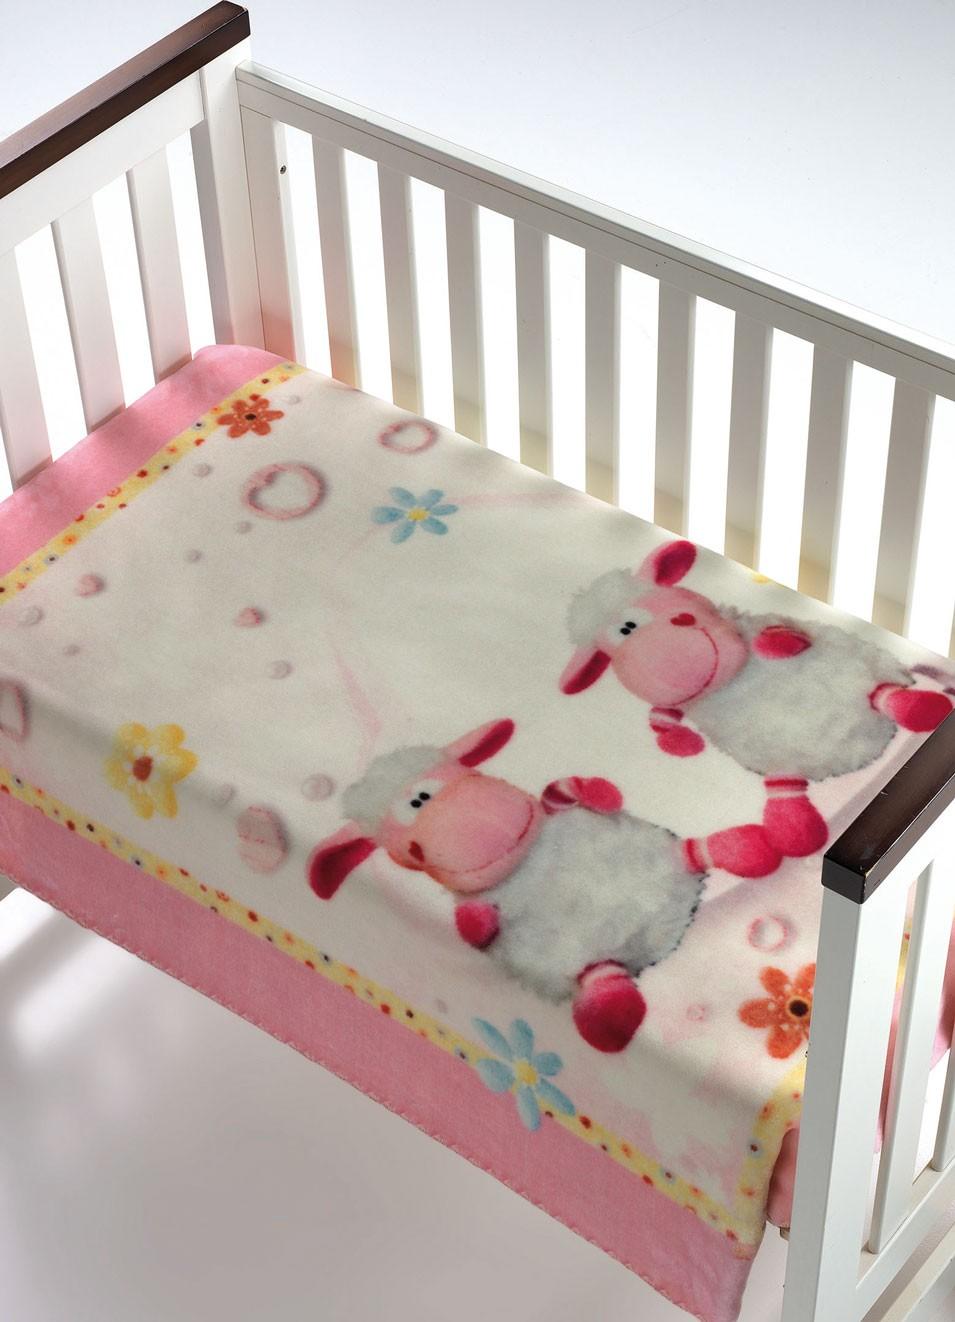 Κουβέρτα Βελουτέ Αγκαλιάς Morven Piccola 009 Ροζ